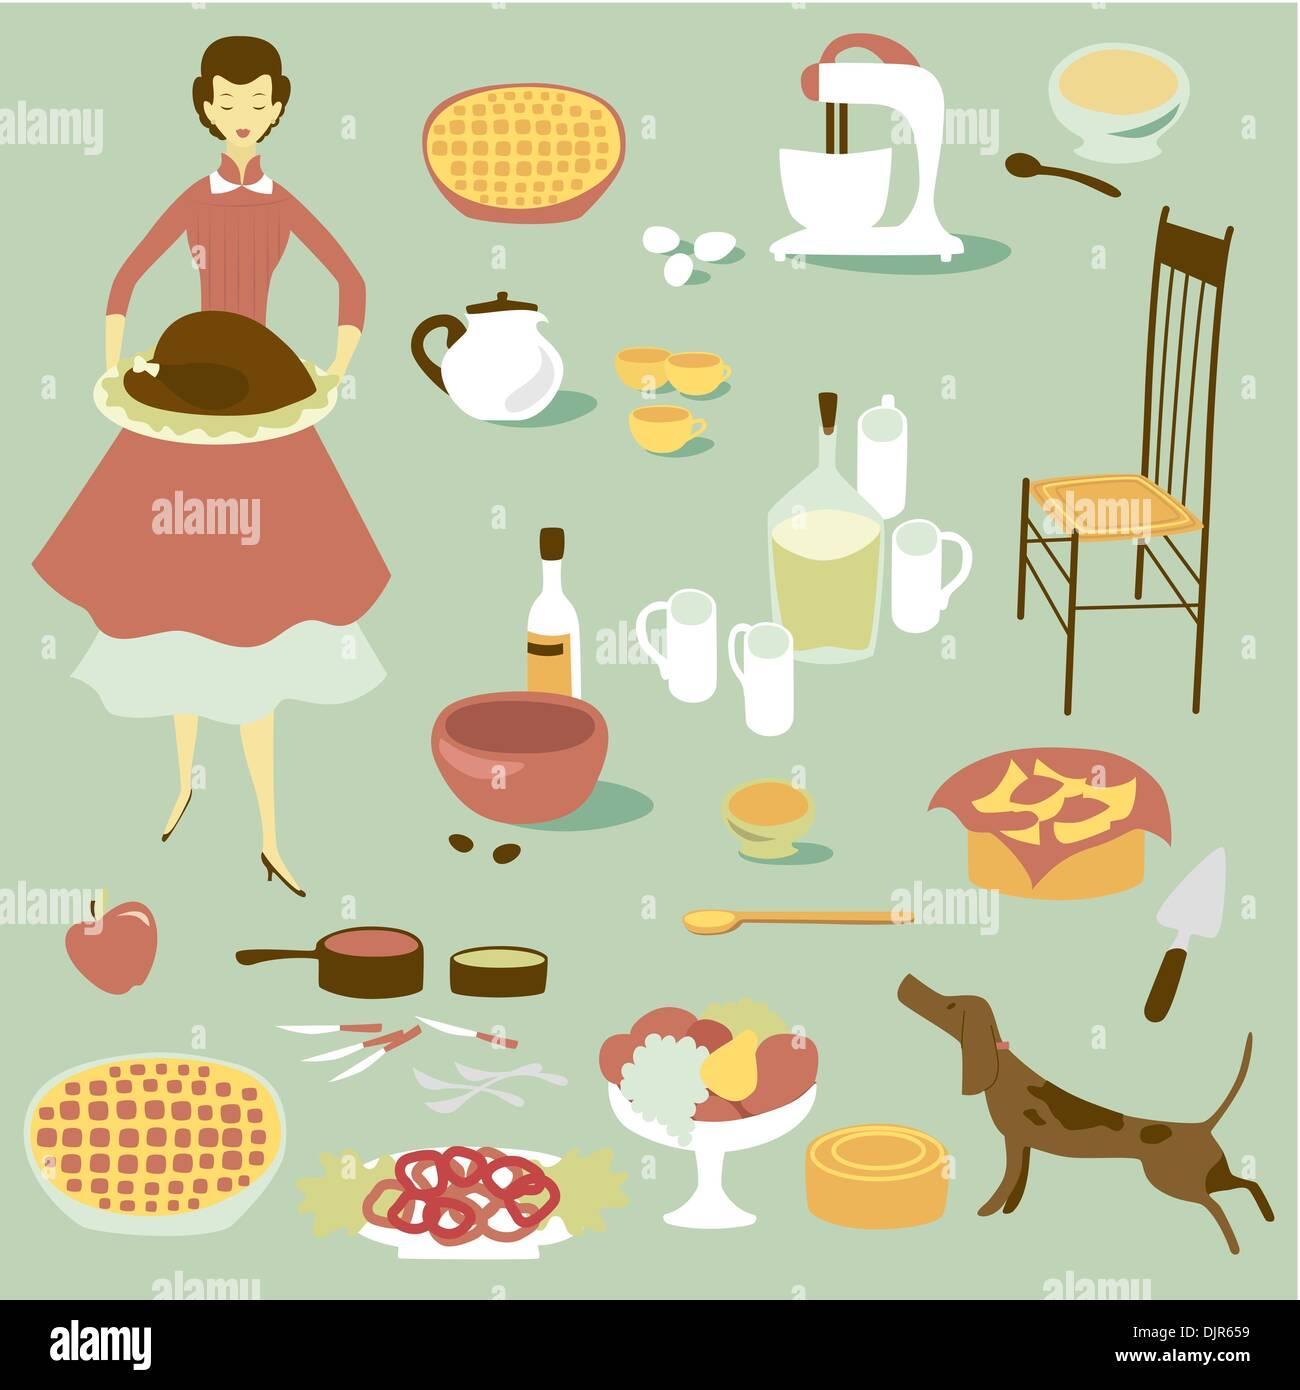 La diva nacional y un conjunto de equipo de cocina y alimentos Imagen De Stock